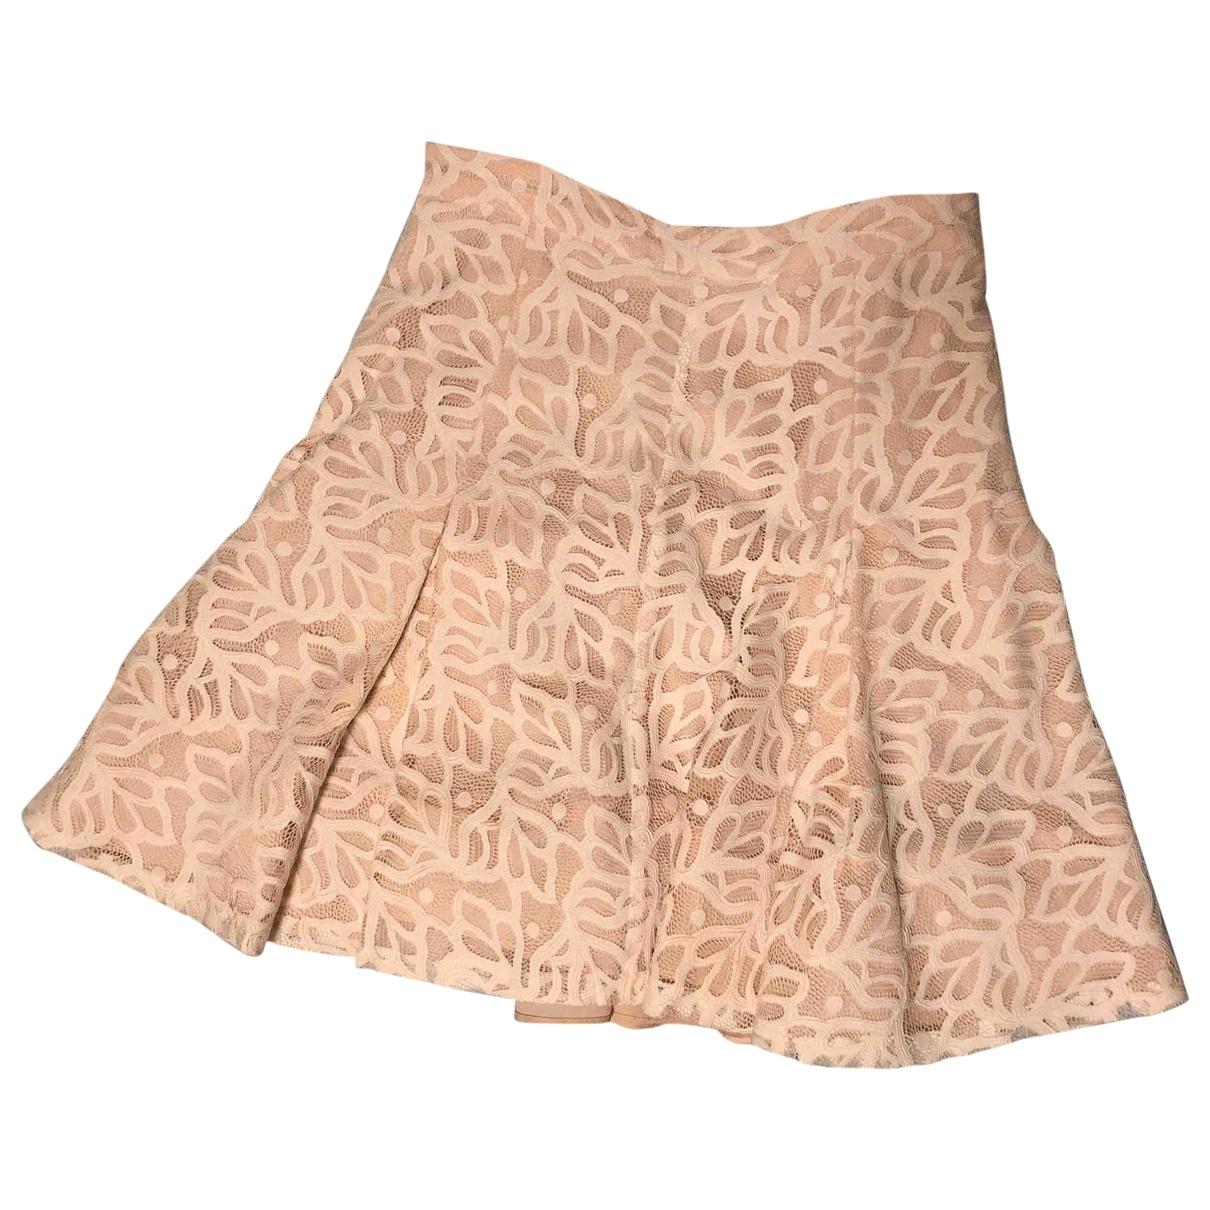 Sandro \N Pink skirt for Women 1 0-5